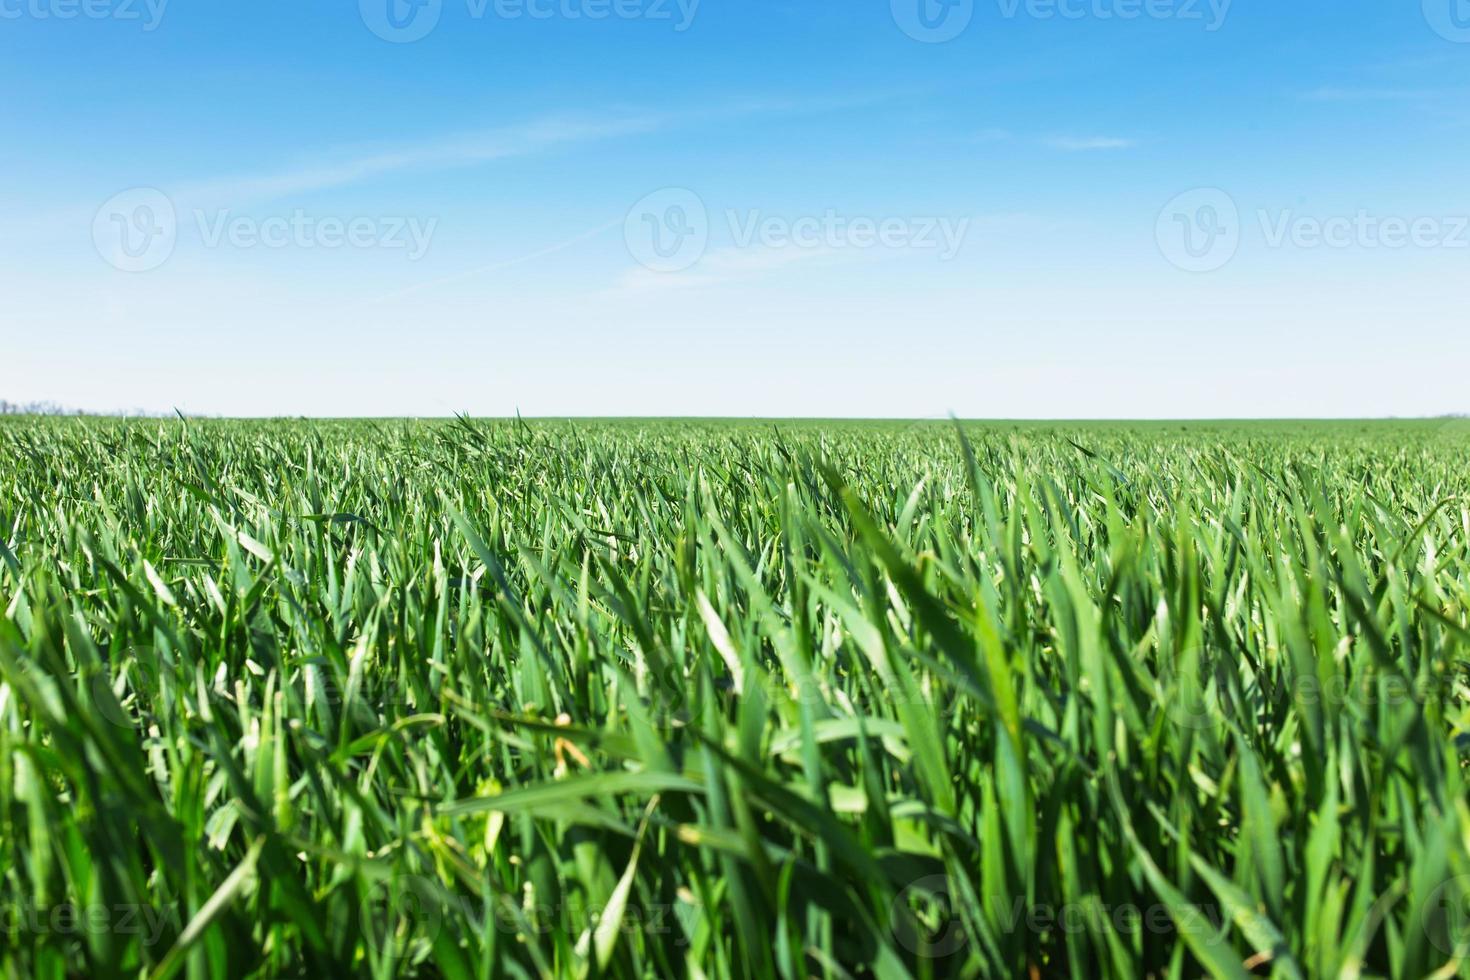 gebied van groen gras en lucht foto